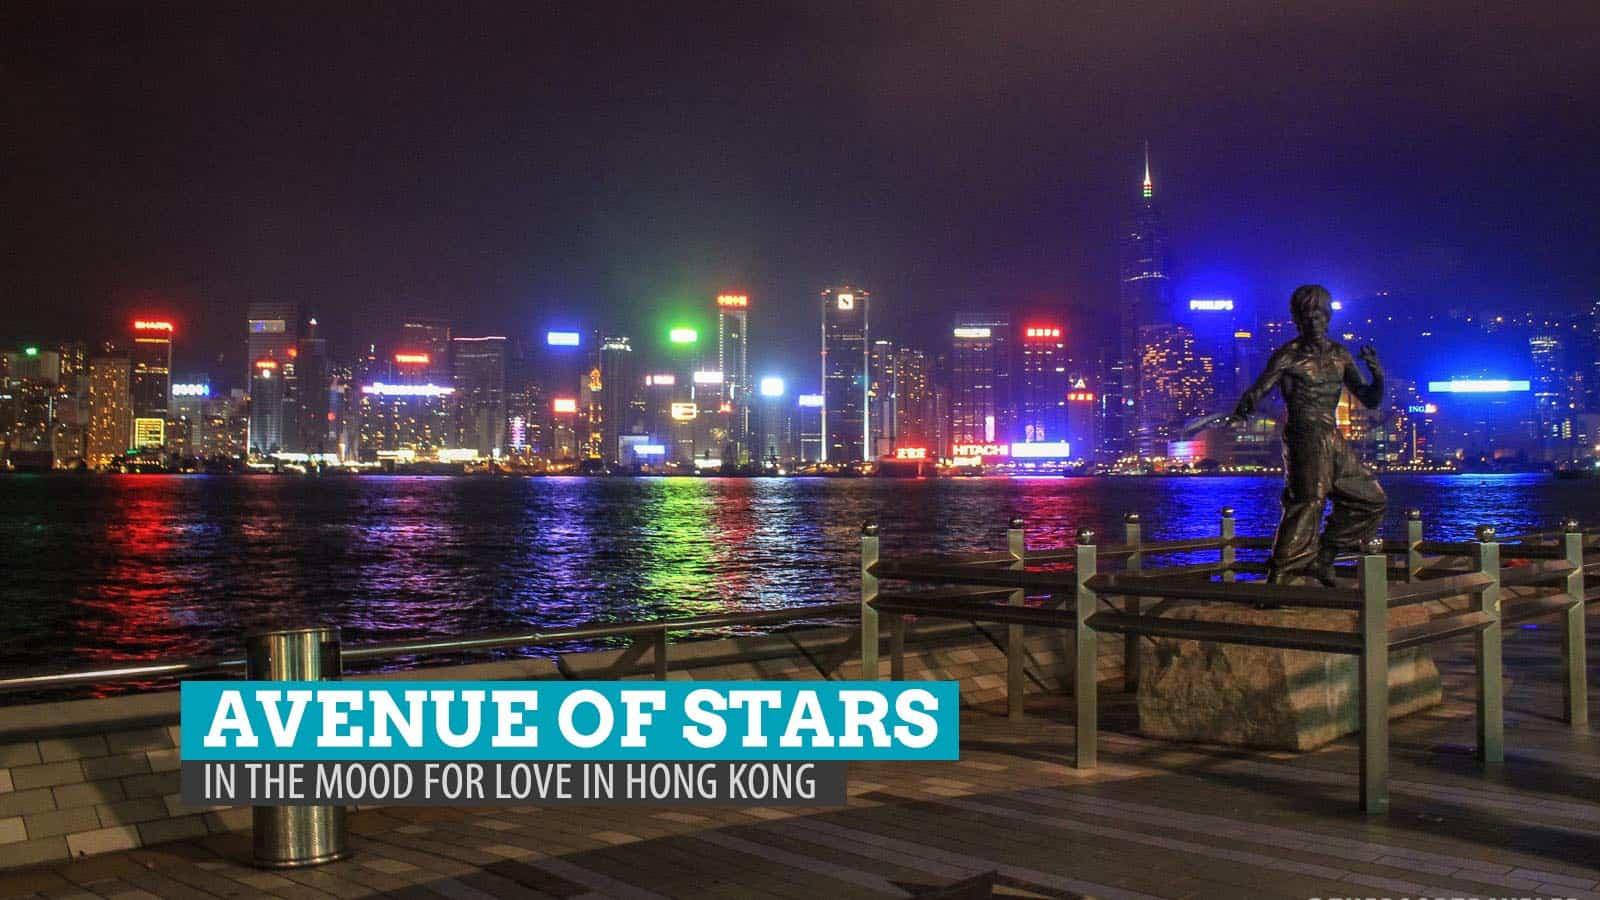 星光大道。在香港的爱的心情 | 穷游者的行程博客